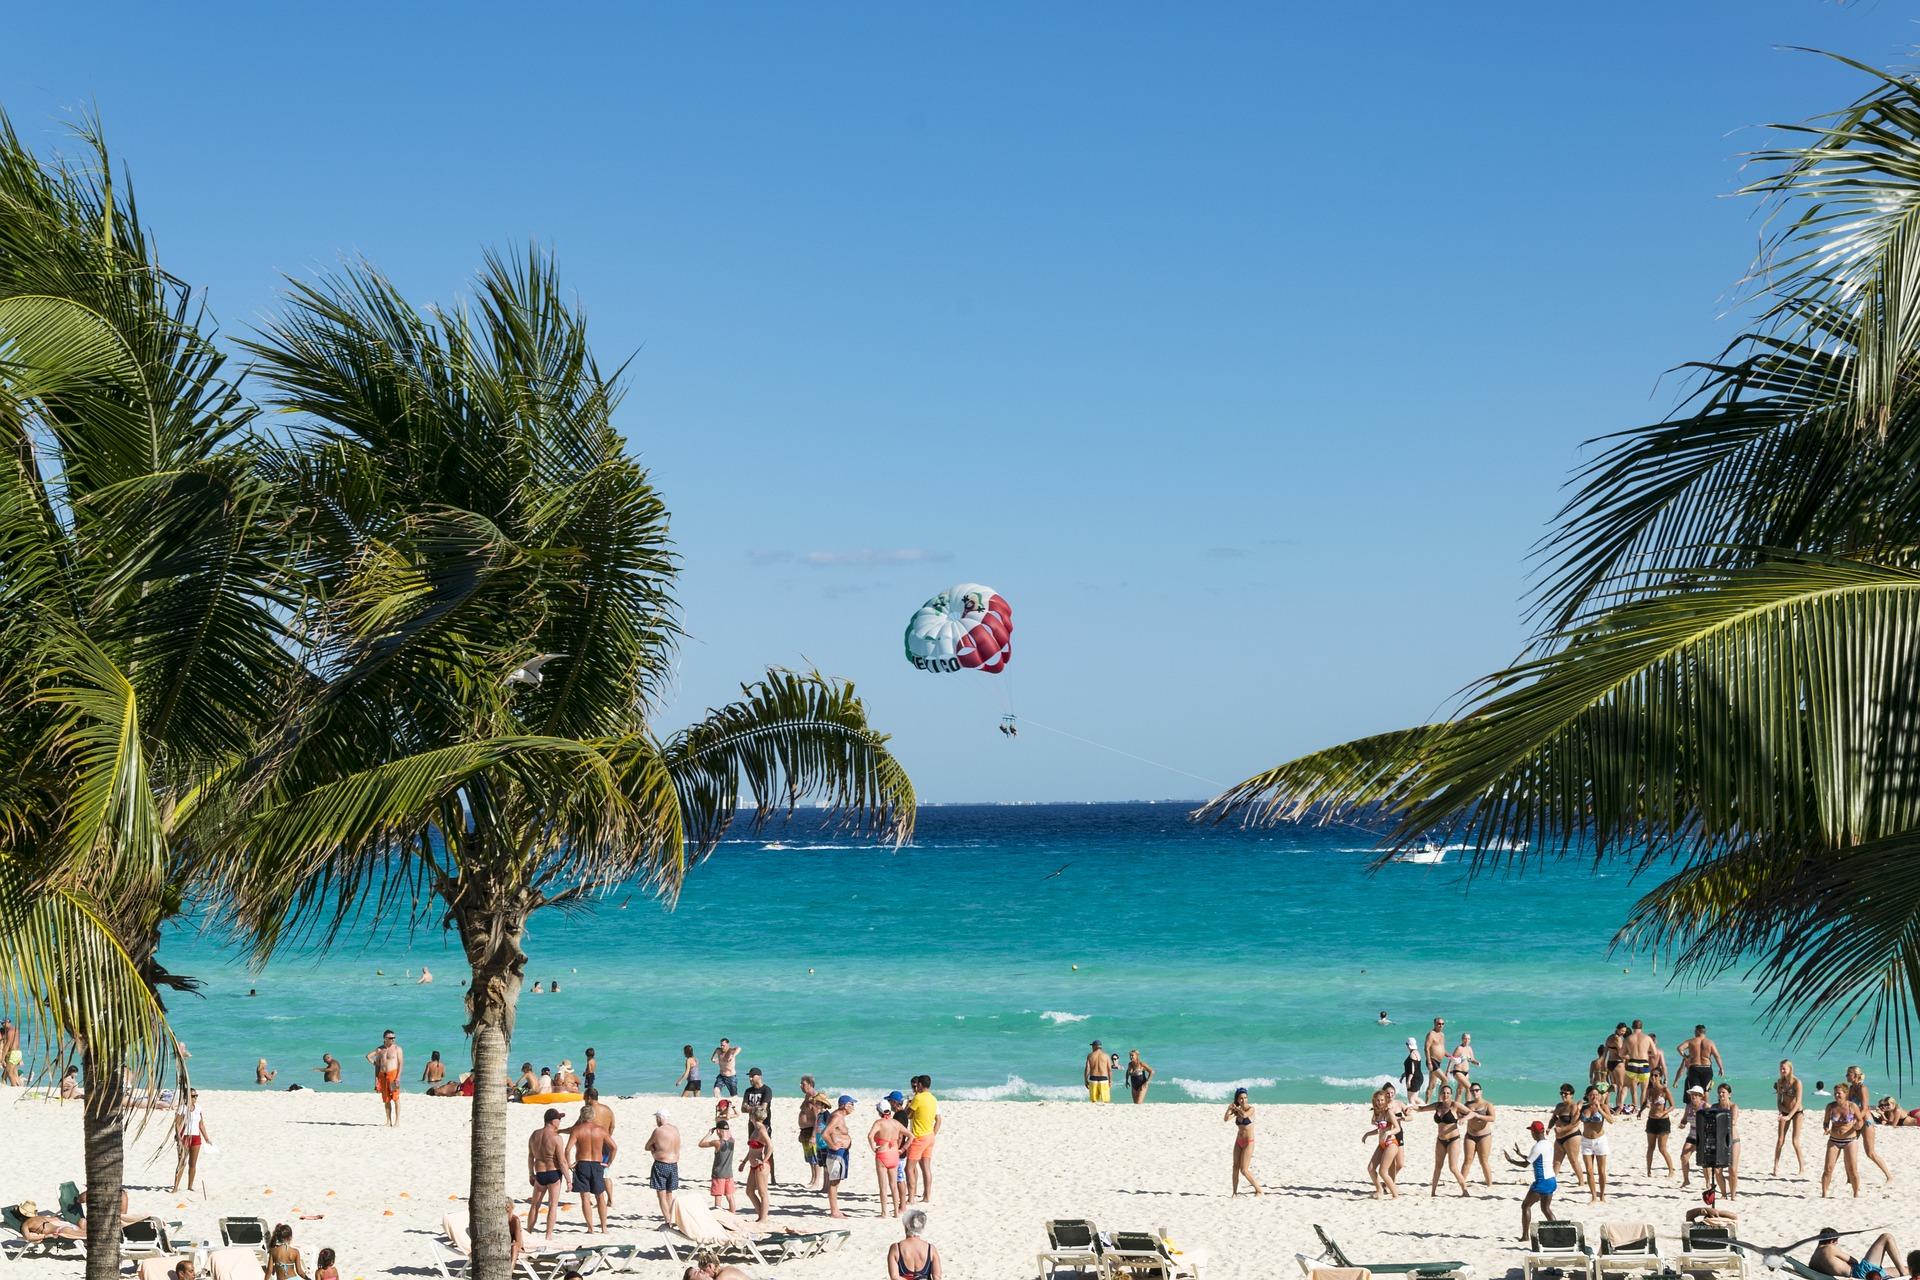 Aumenta número de turistas estadounidenses en Caribe mexicano